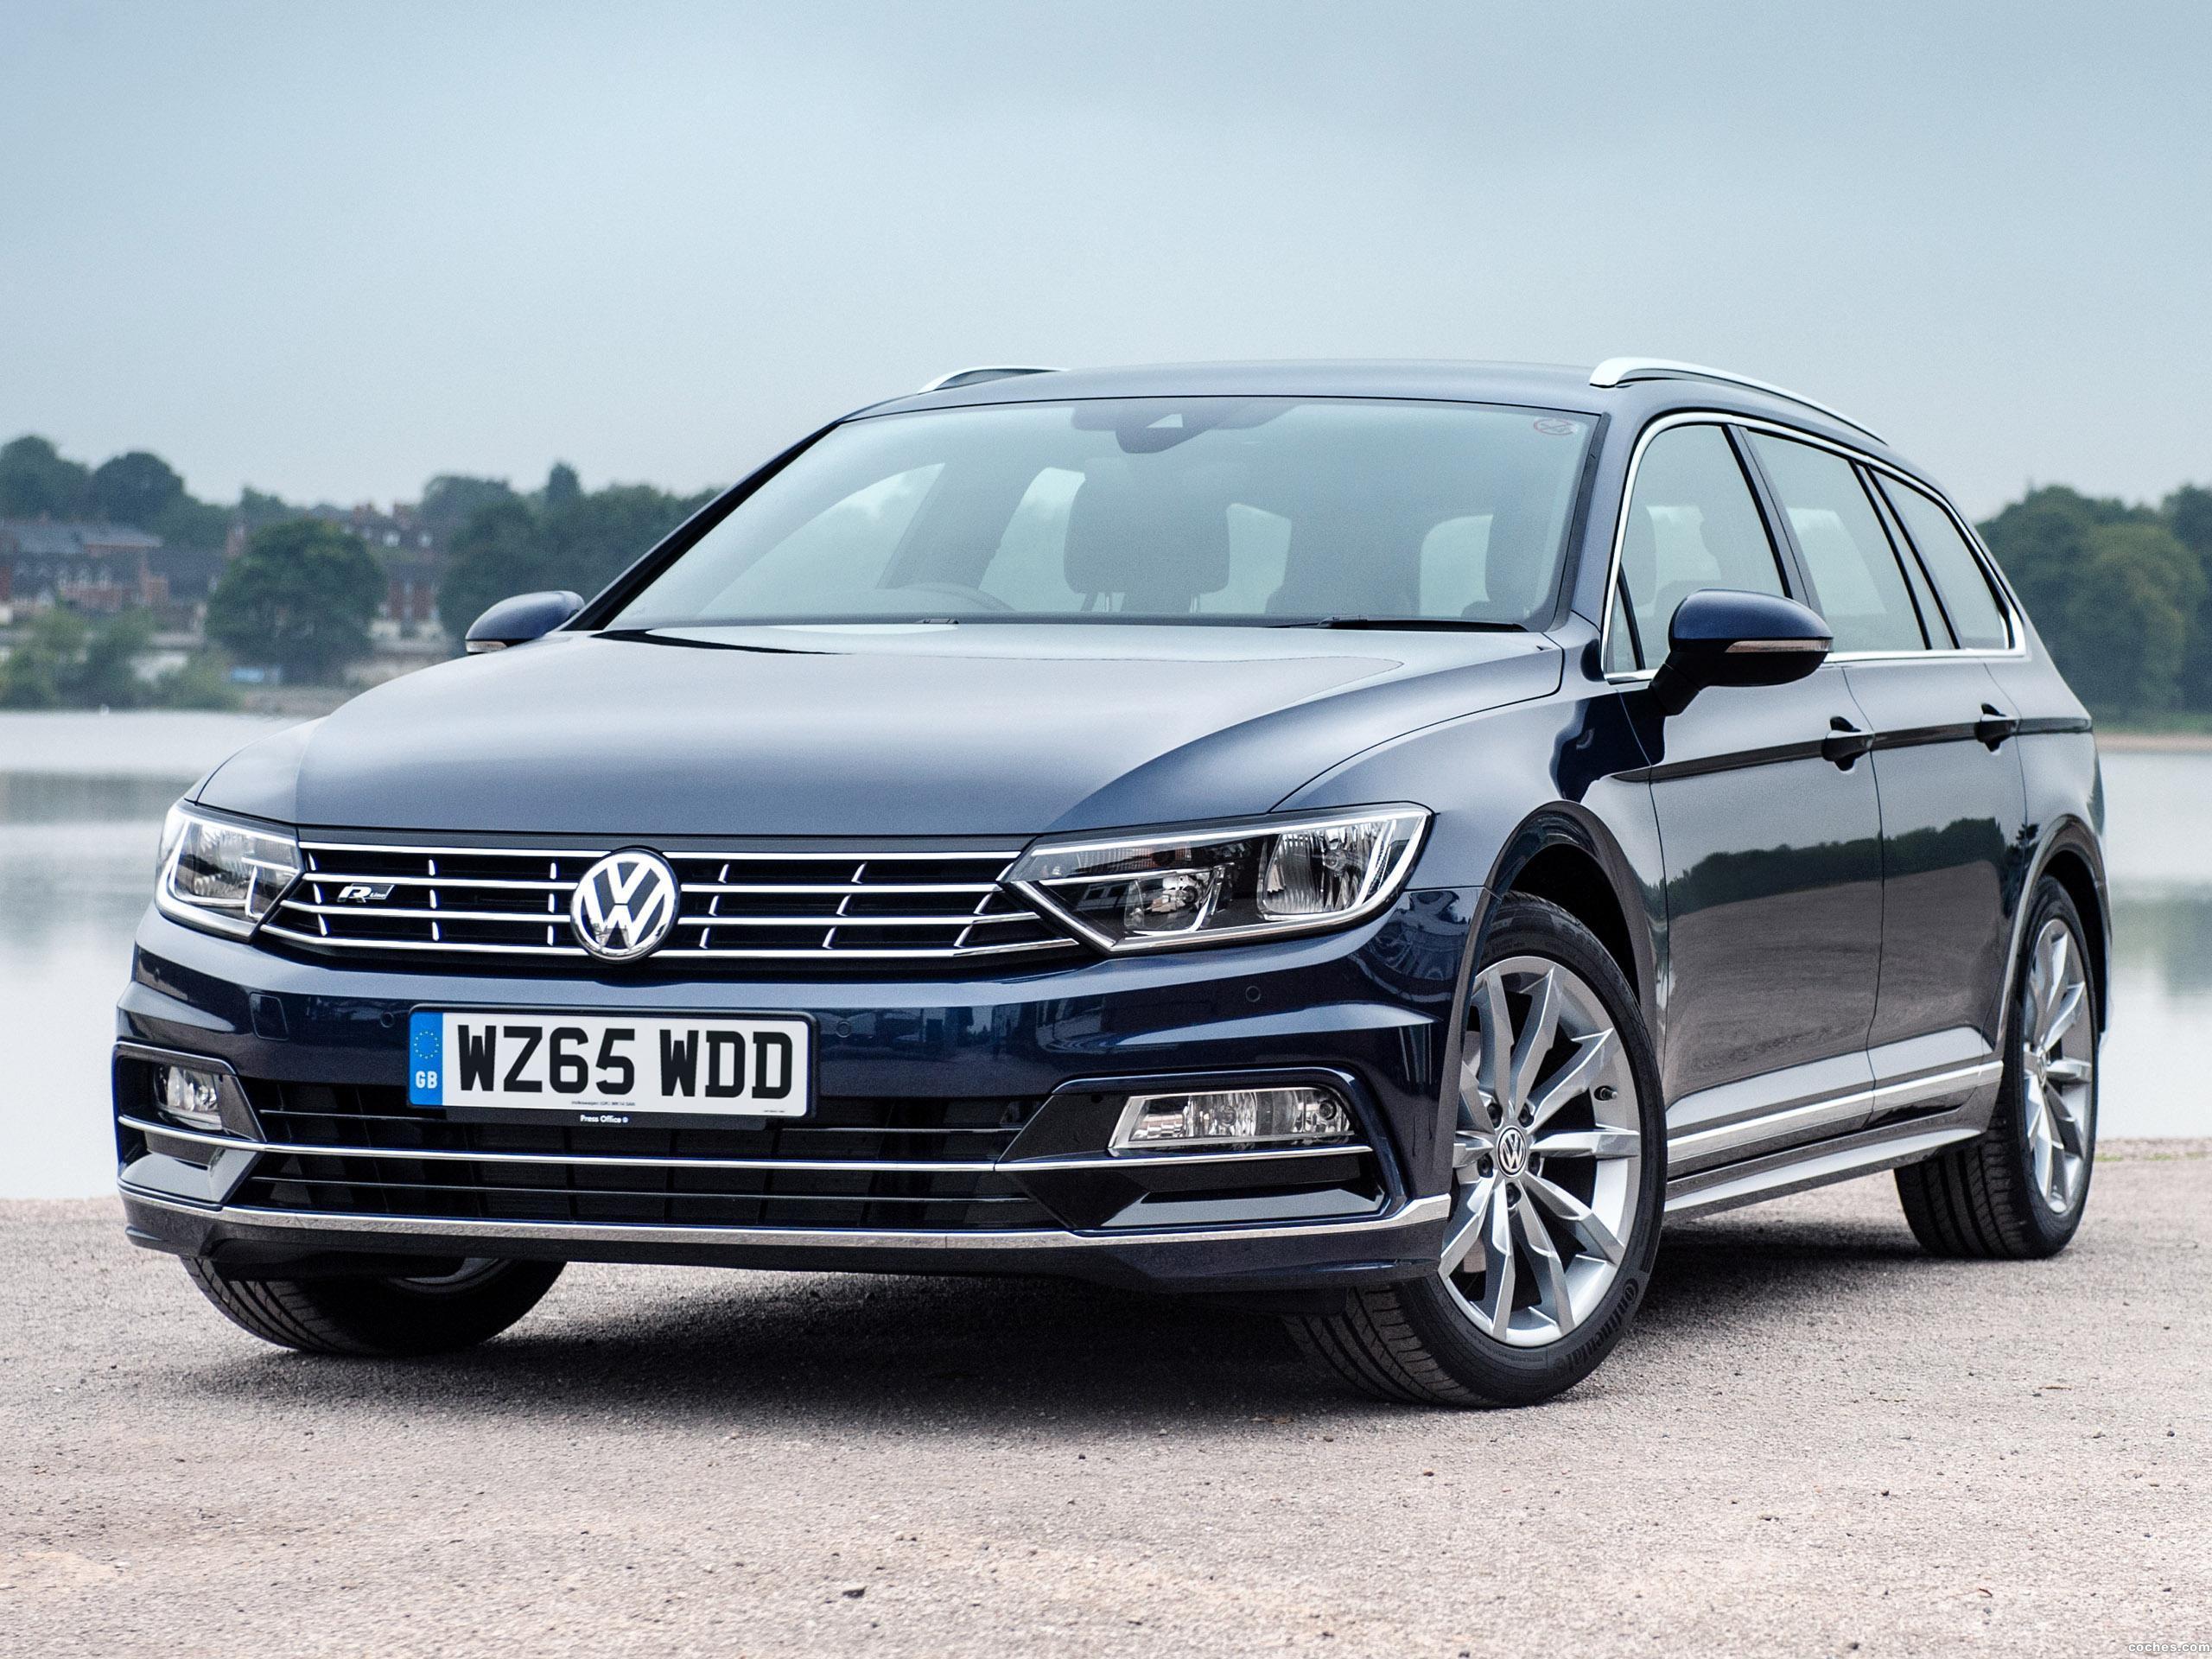 Foto 0 de Volkswagen Passat Estate R Line UK 2015